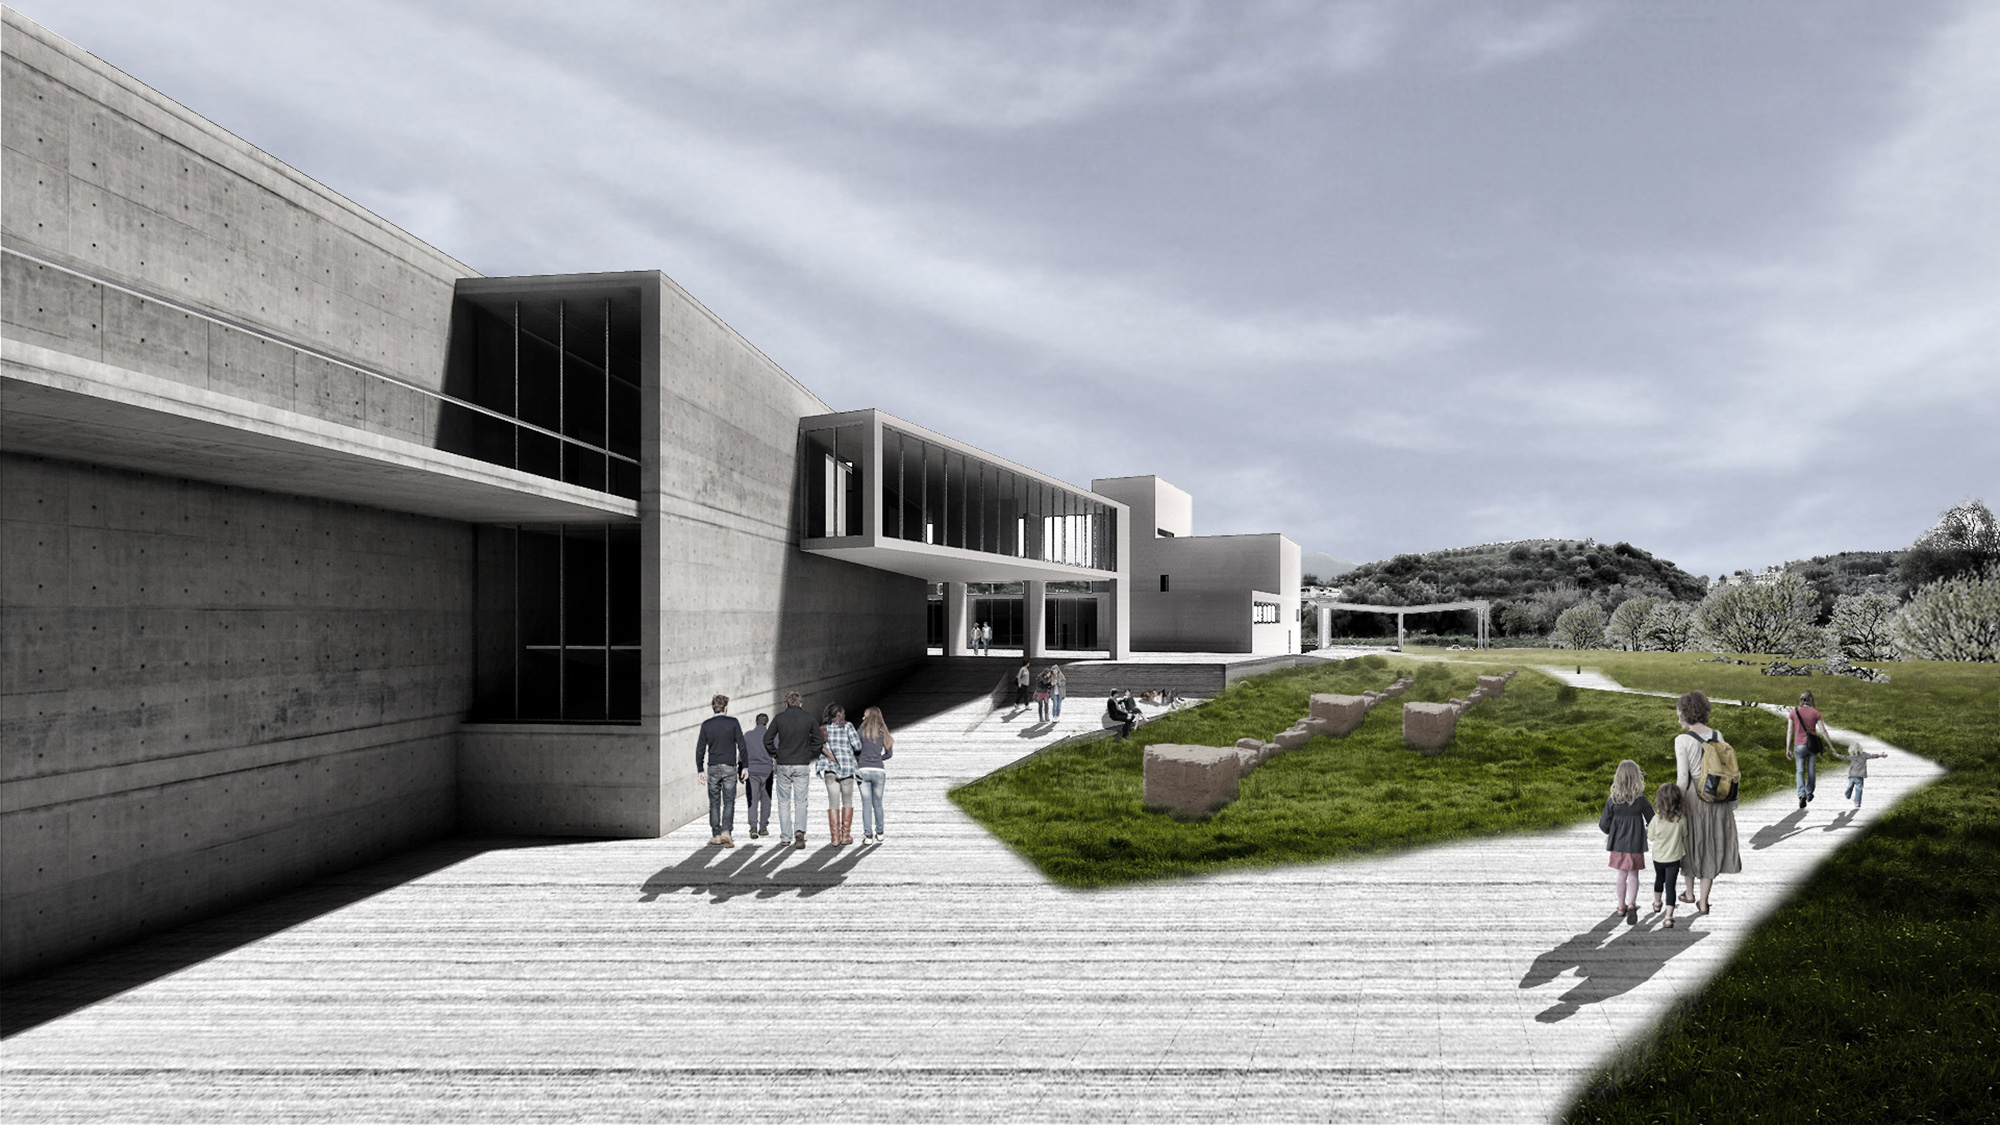 Νέο Αρχαιολογικό Μουσείο Σπάρτης. Γ βραβείο